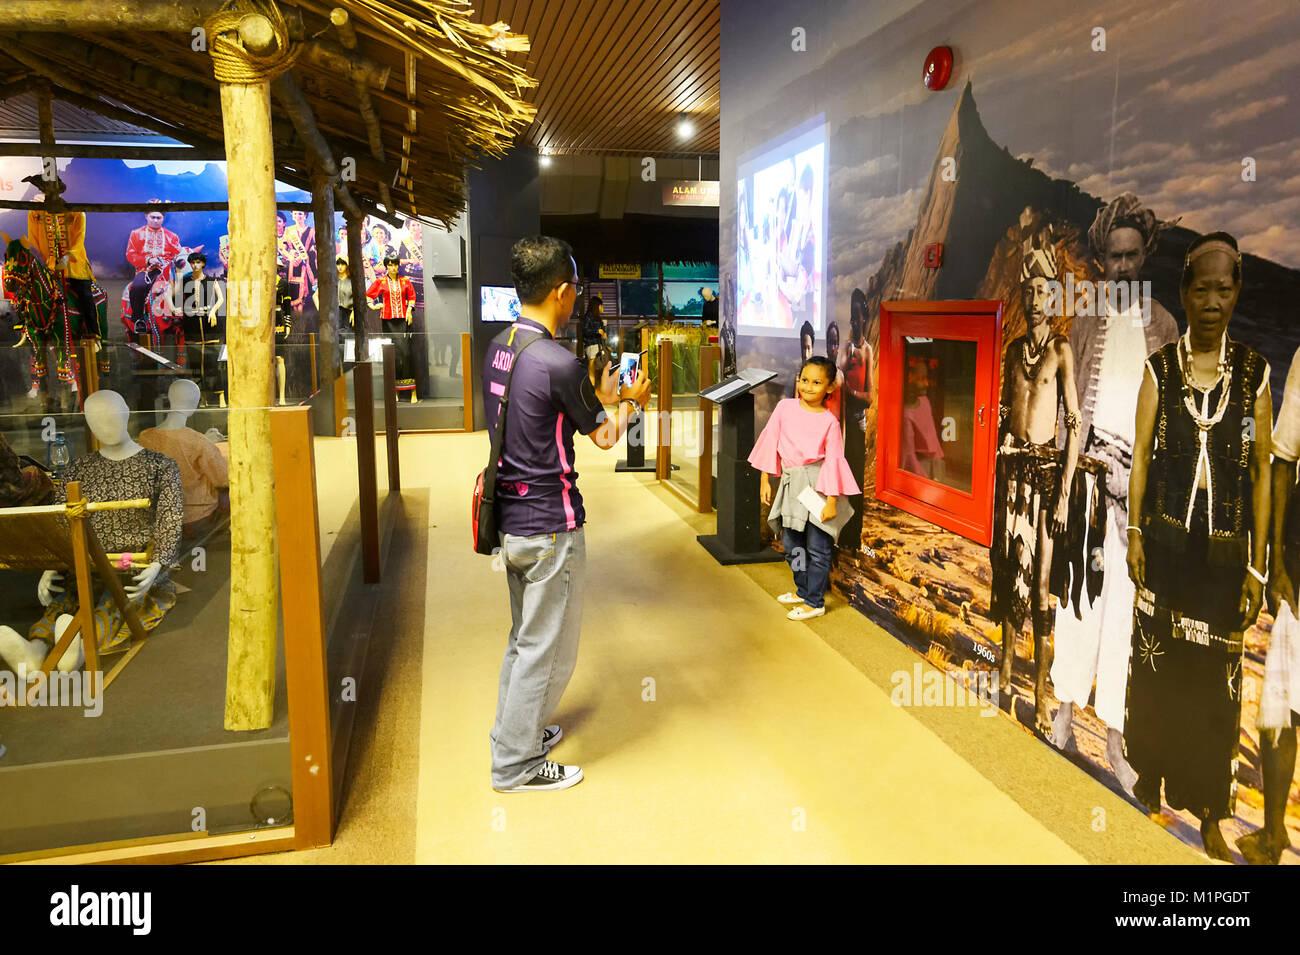 Father taking a picture of his daughter at the Muzium Sabah, Kota Kinabalu, Sabah, Borneo, Malaysia - Stock Image